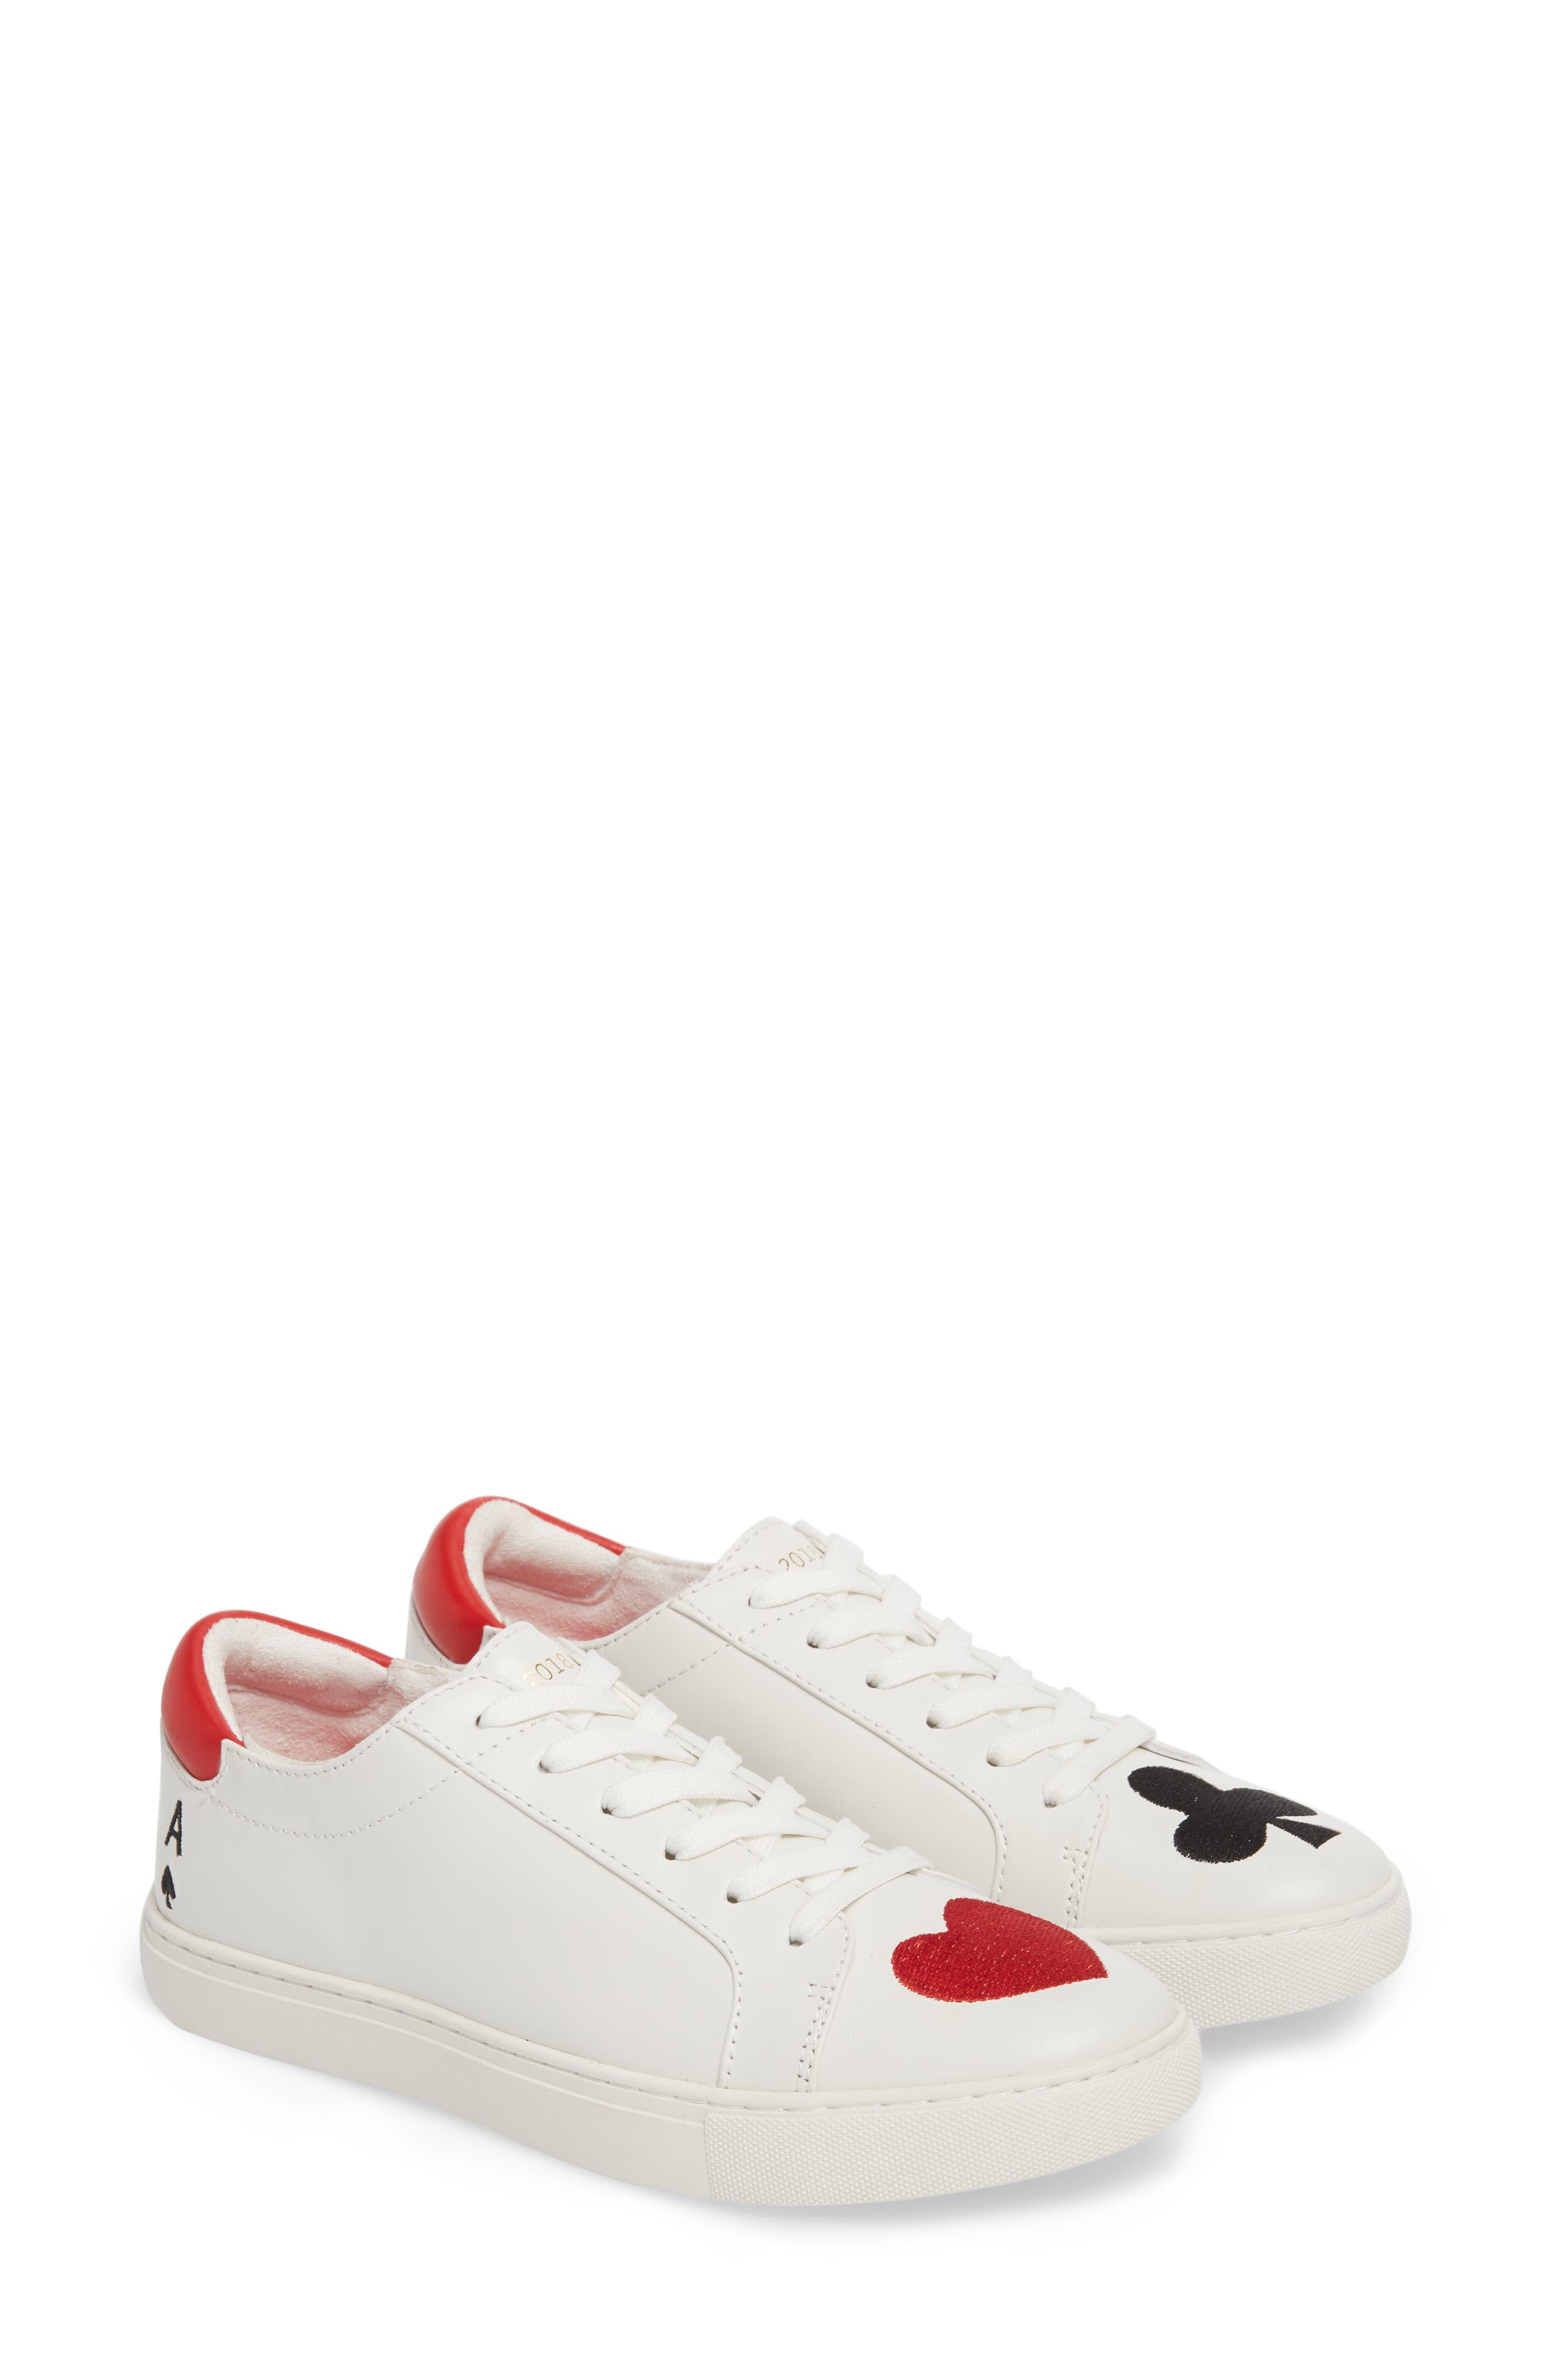 'Kam' Sneaker,                             Alternate thumbnail 2, color,                             White Red Black Leather